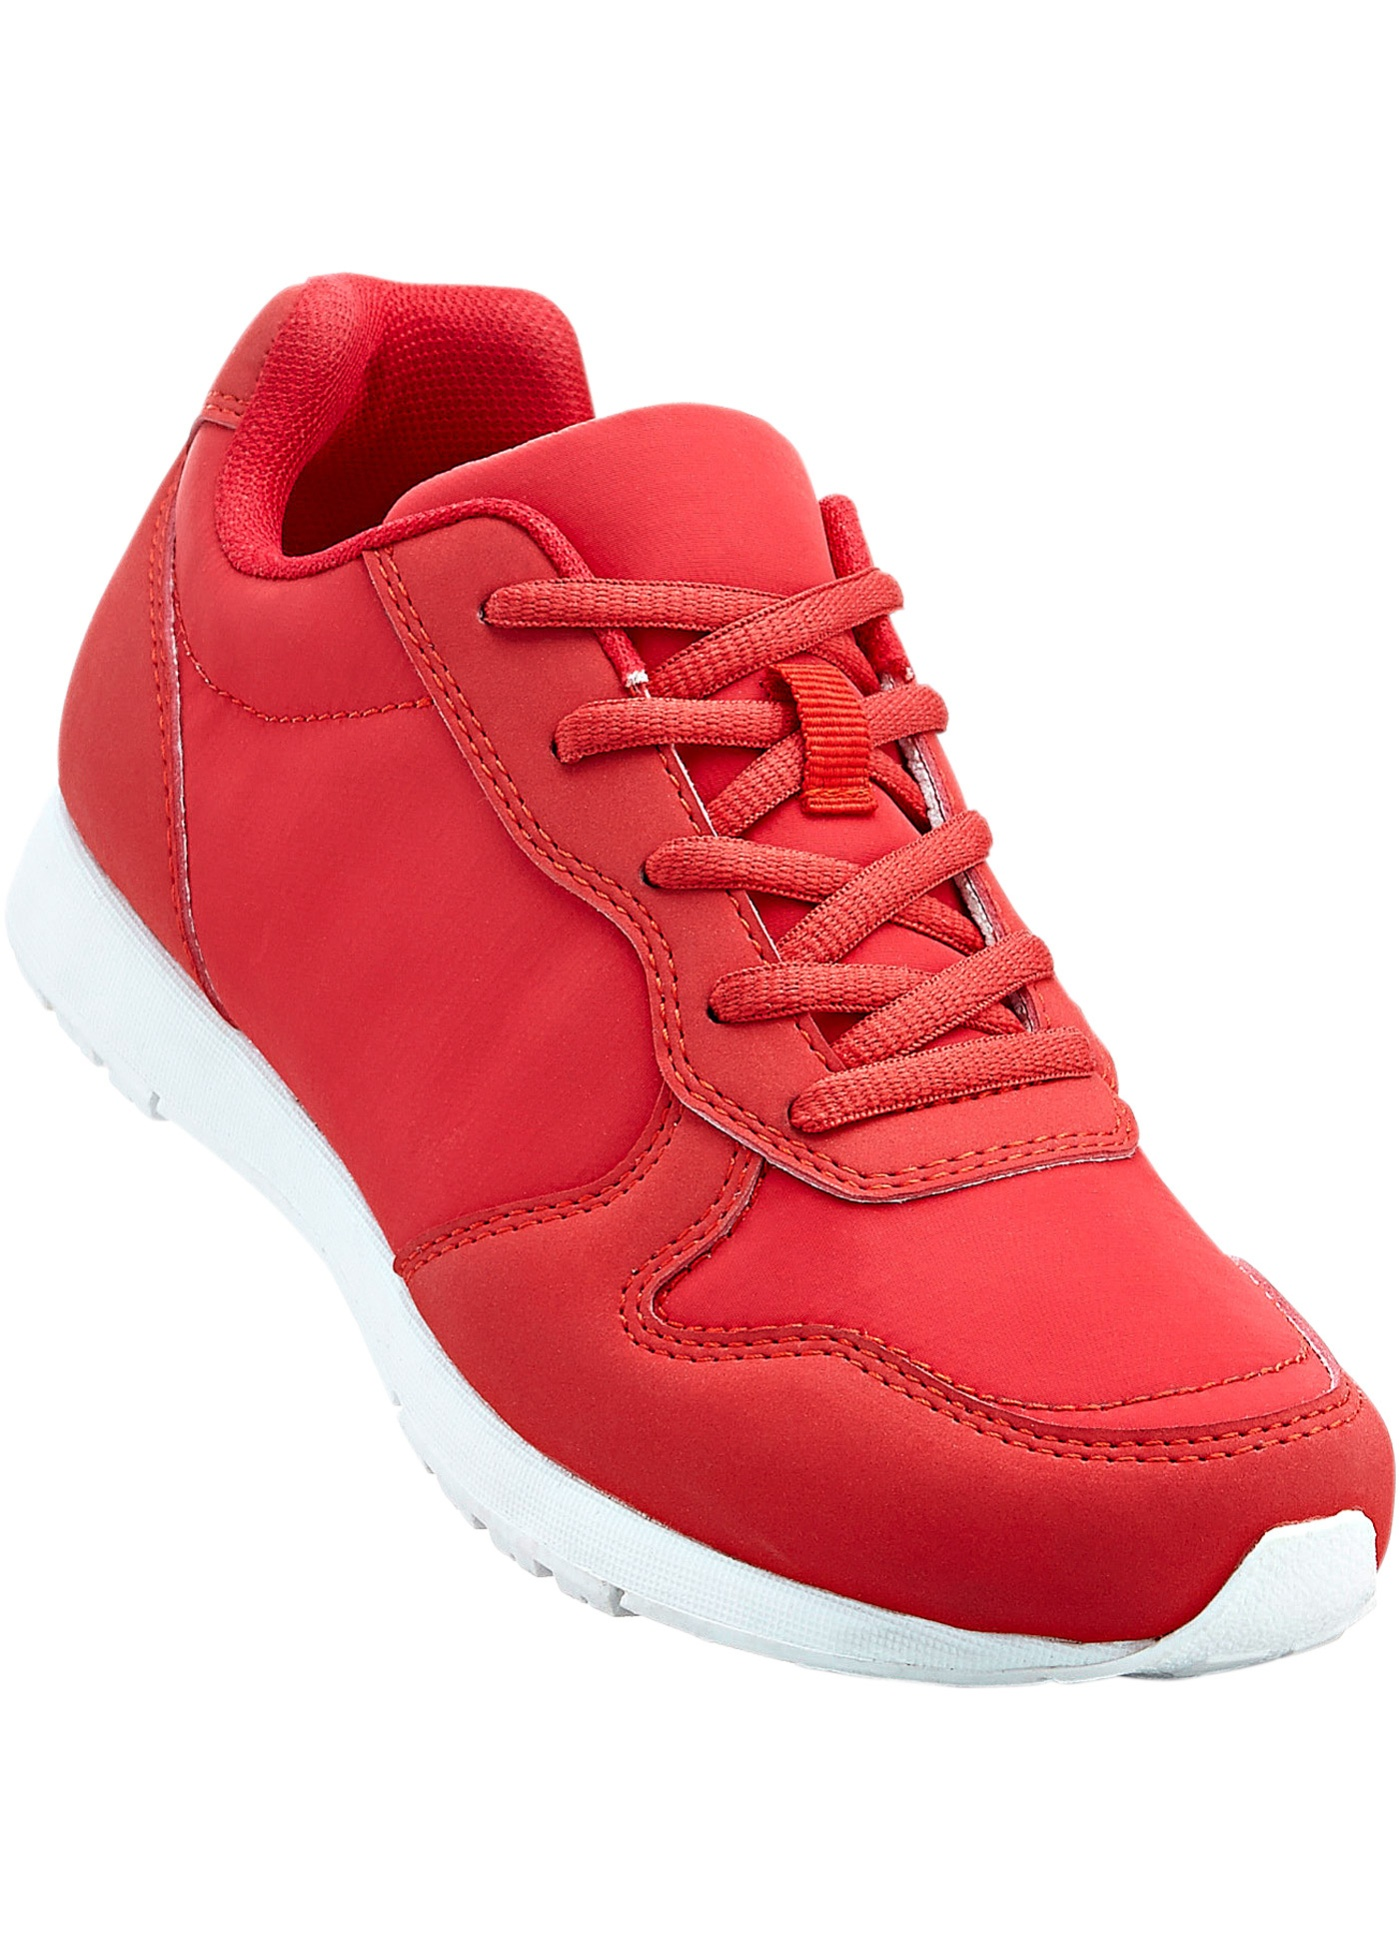 Sneakers avec semelle extérieure légère et flexible, dessus résistant.